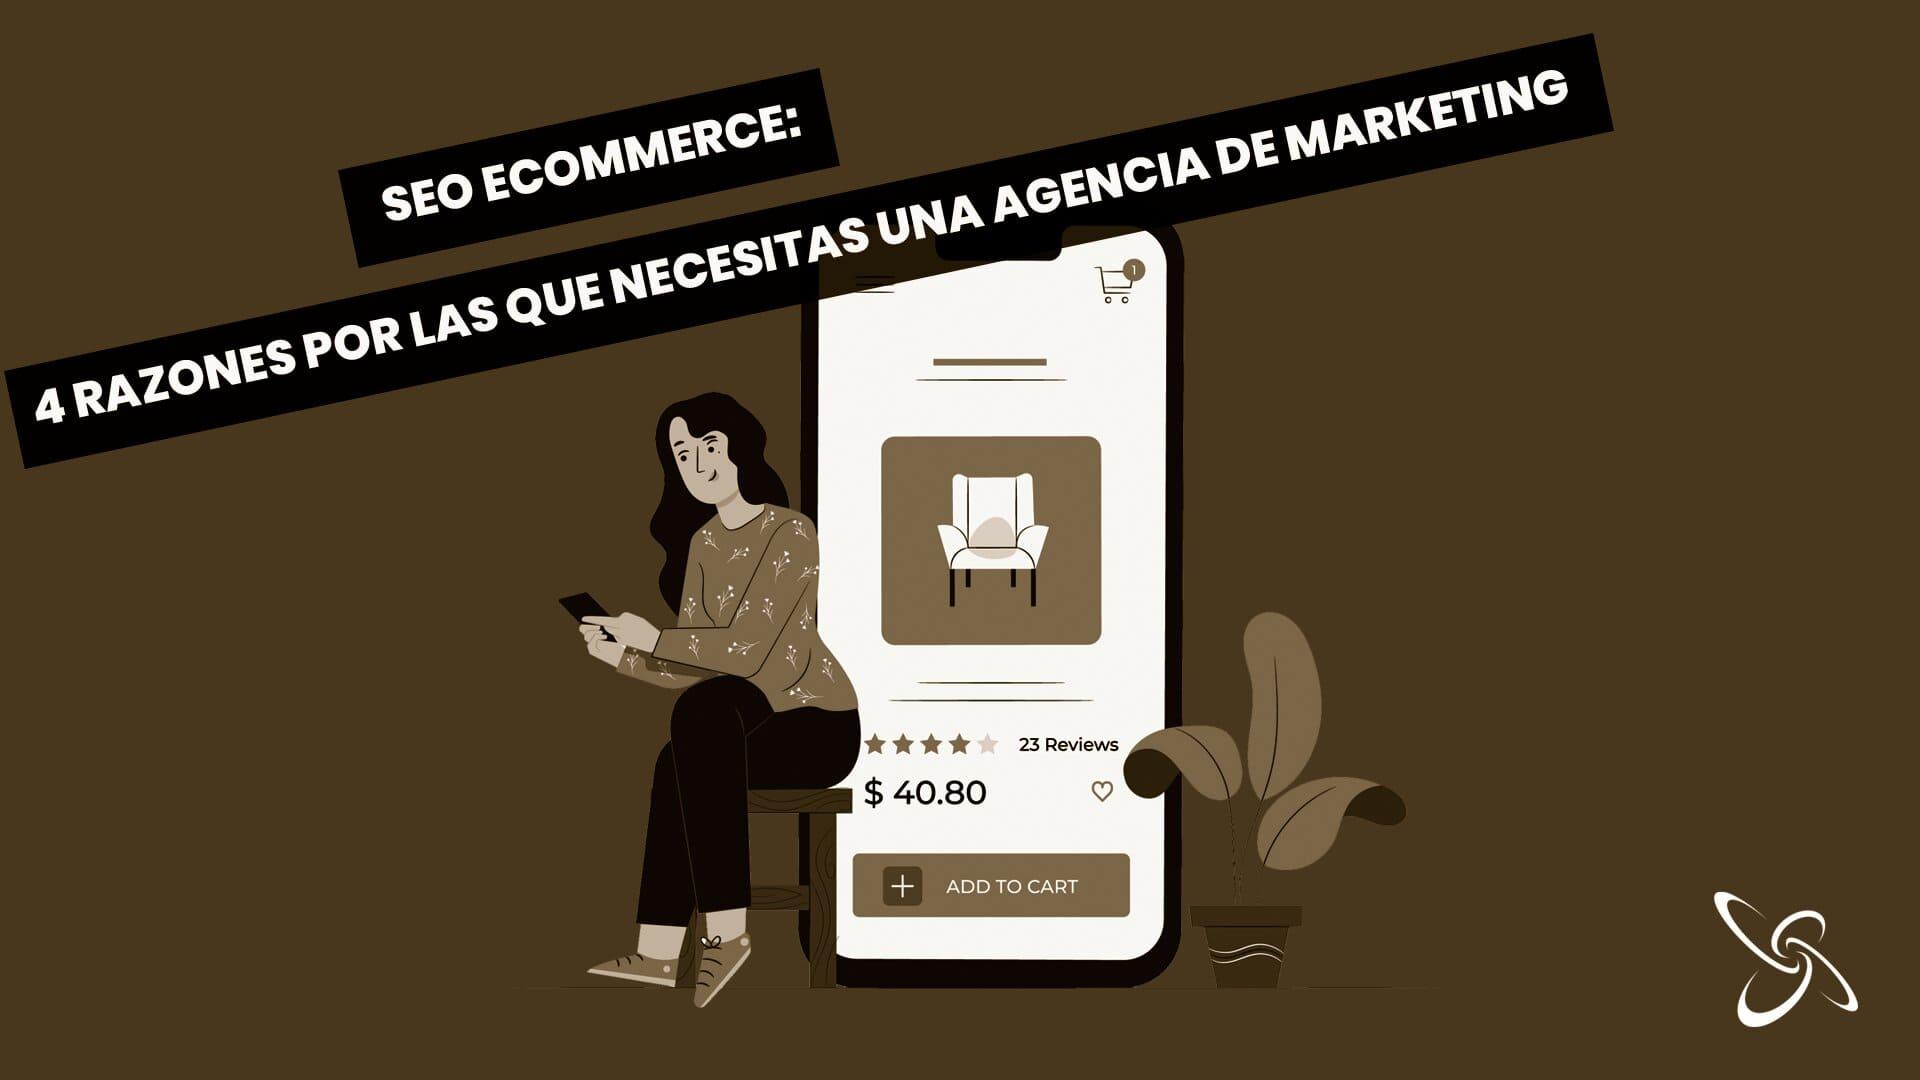 SEO en e-commerce: 4 razones por las que necesitas una agencia de marketing